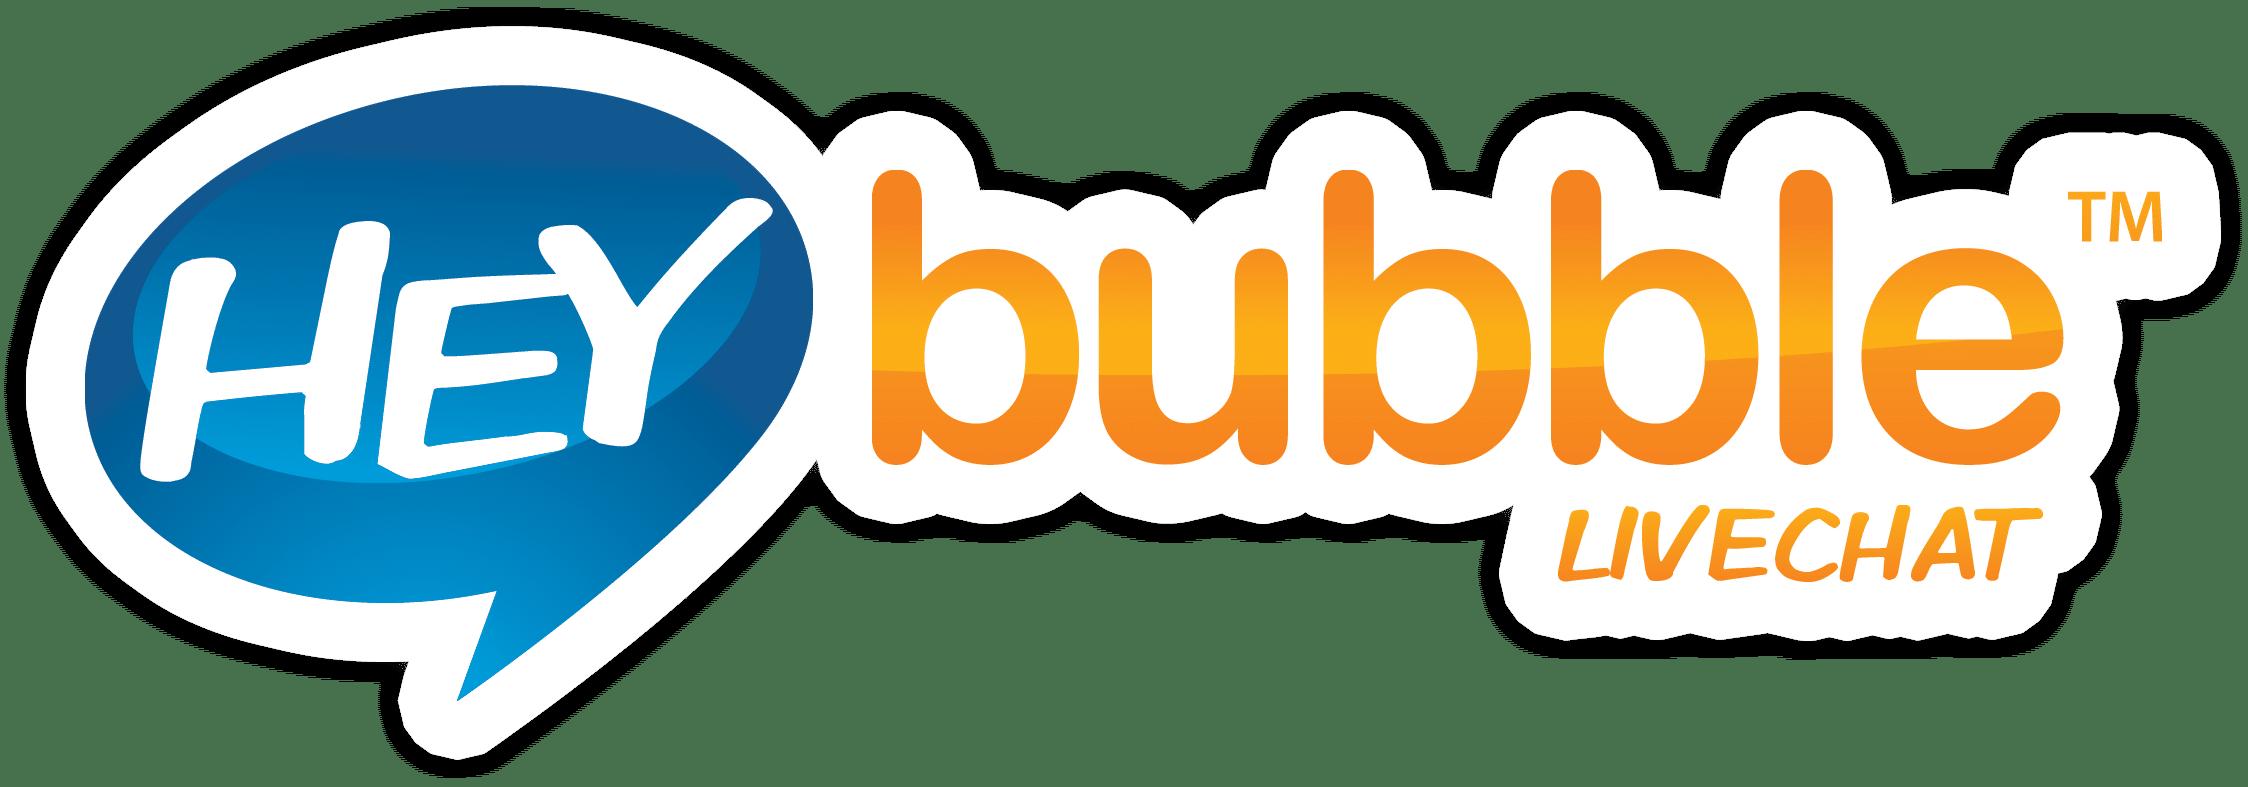 eewee-logo-hey-bubble-livechat